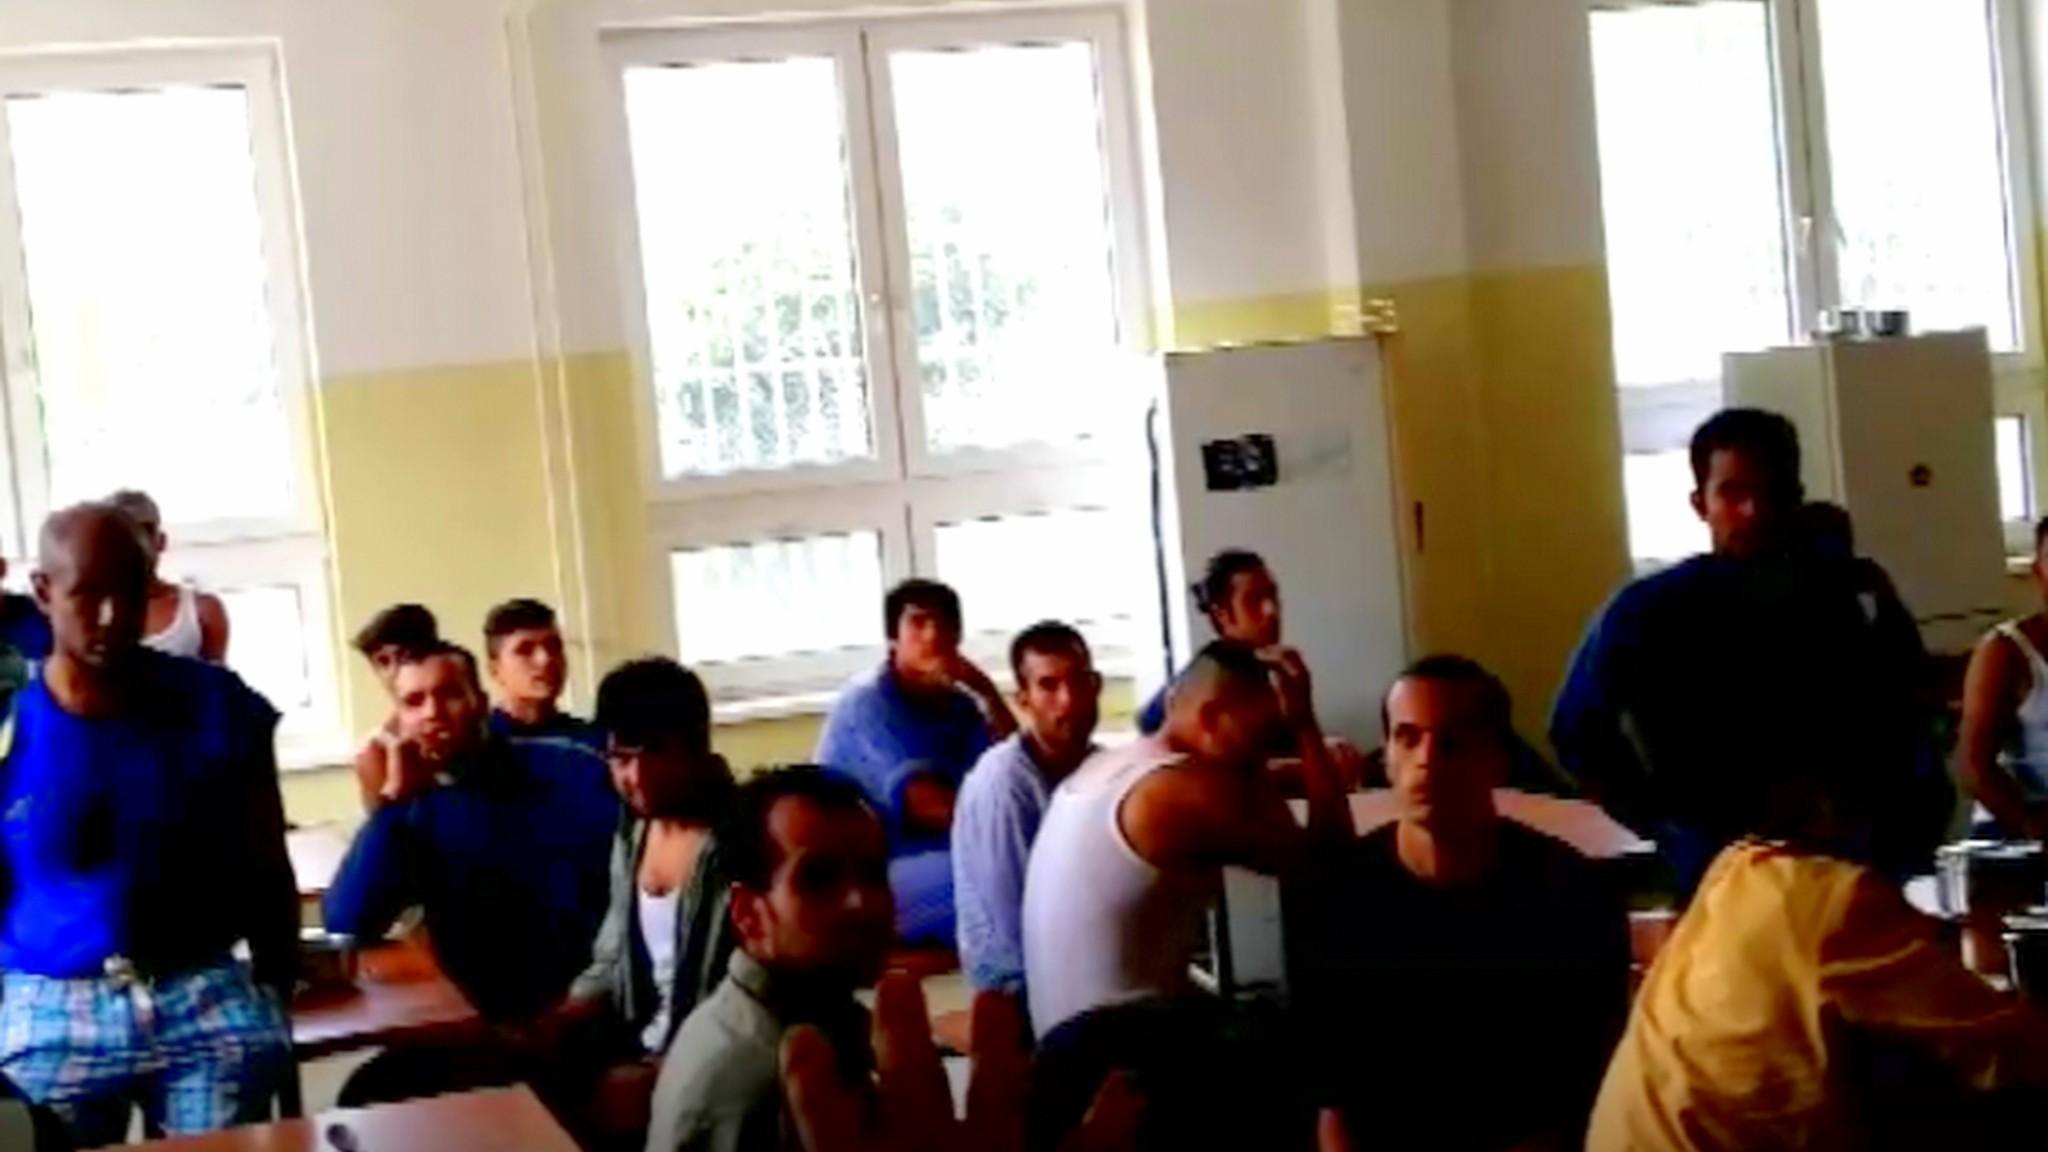 Slovensko: Imigrant z Afriky zaútočil na policistu. Nelíbilo se mu rozhodnutí, že bude vyhoštěný